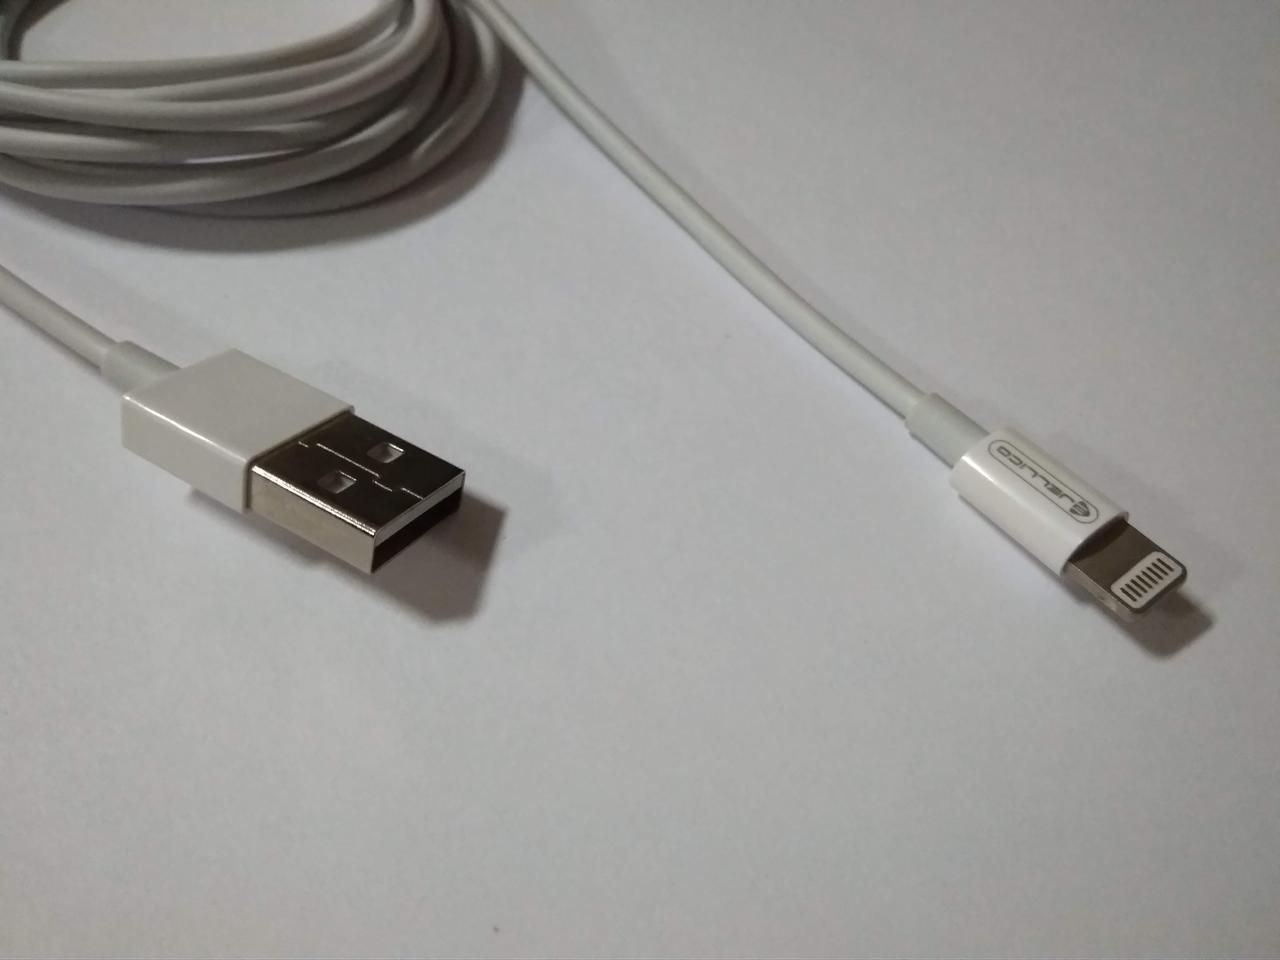 2 метровый кабель зарядки iphone ipad lightning шнур провод удлинённый